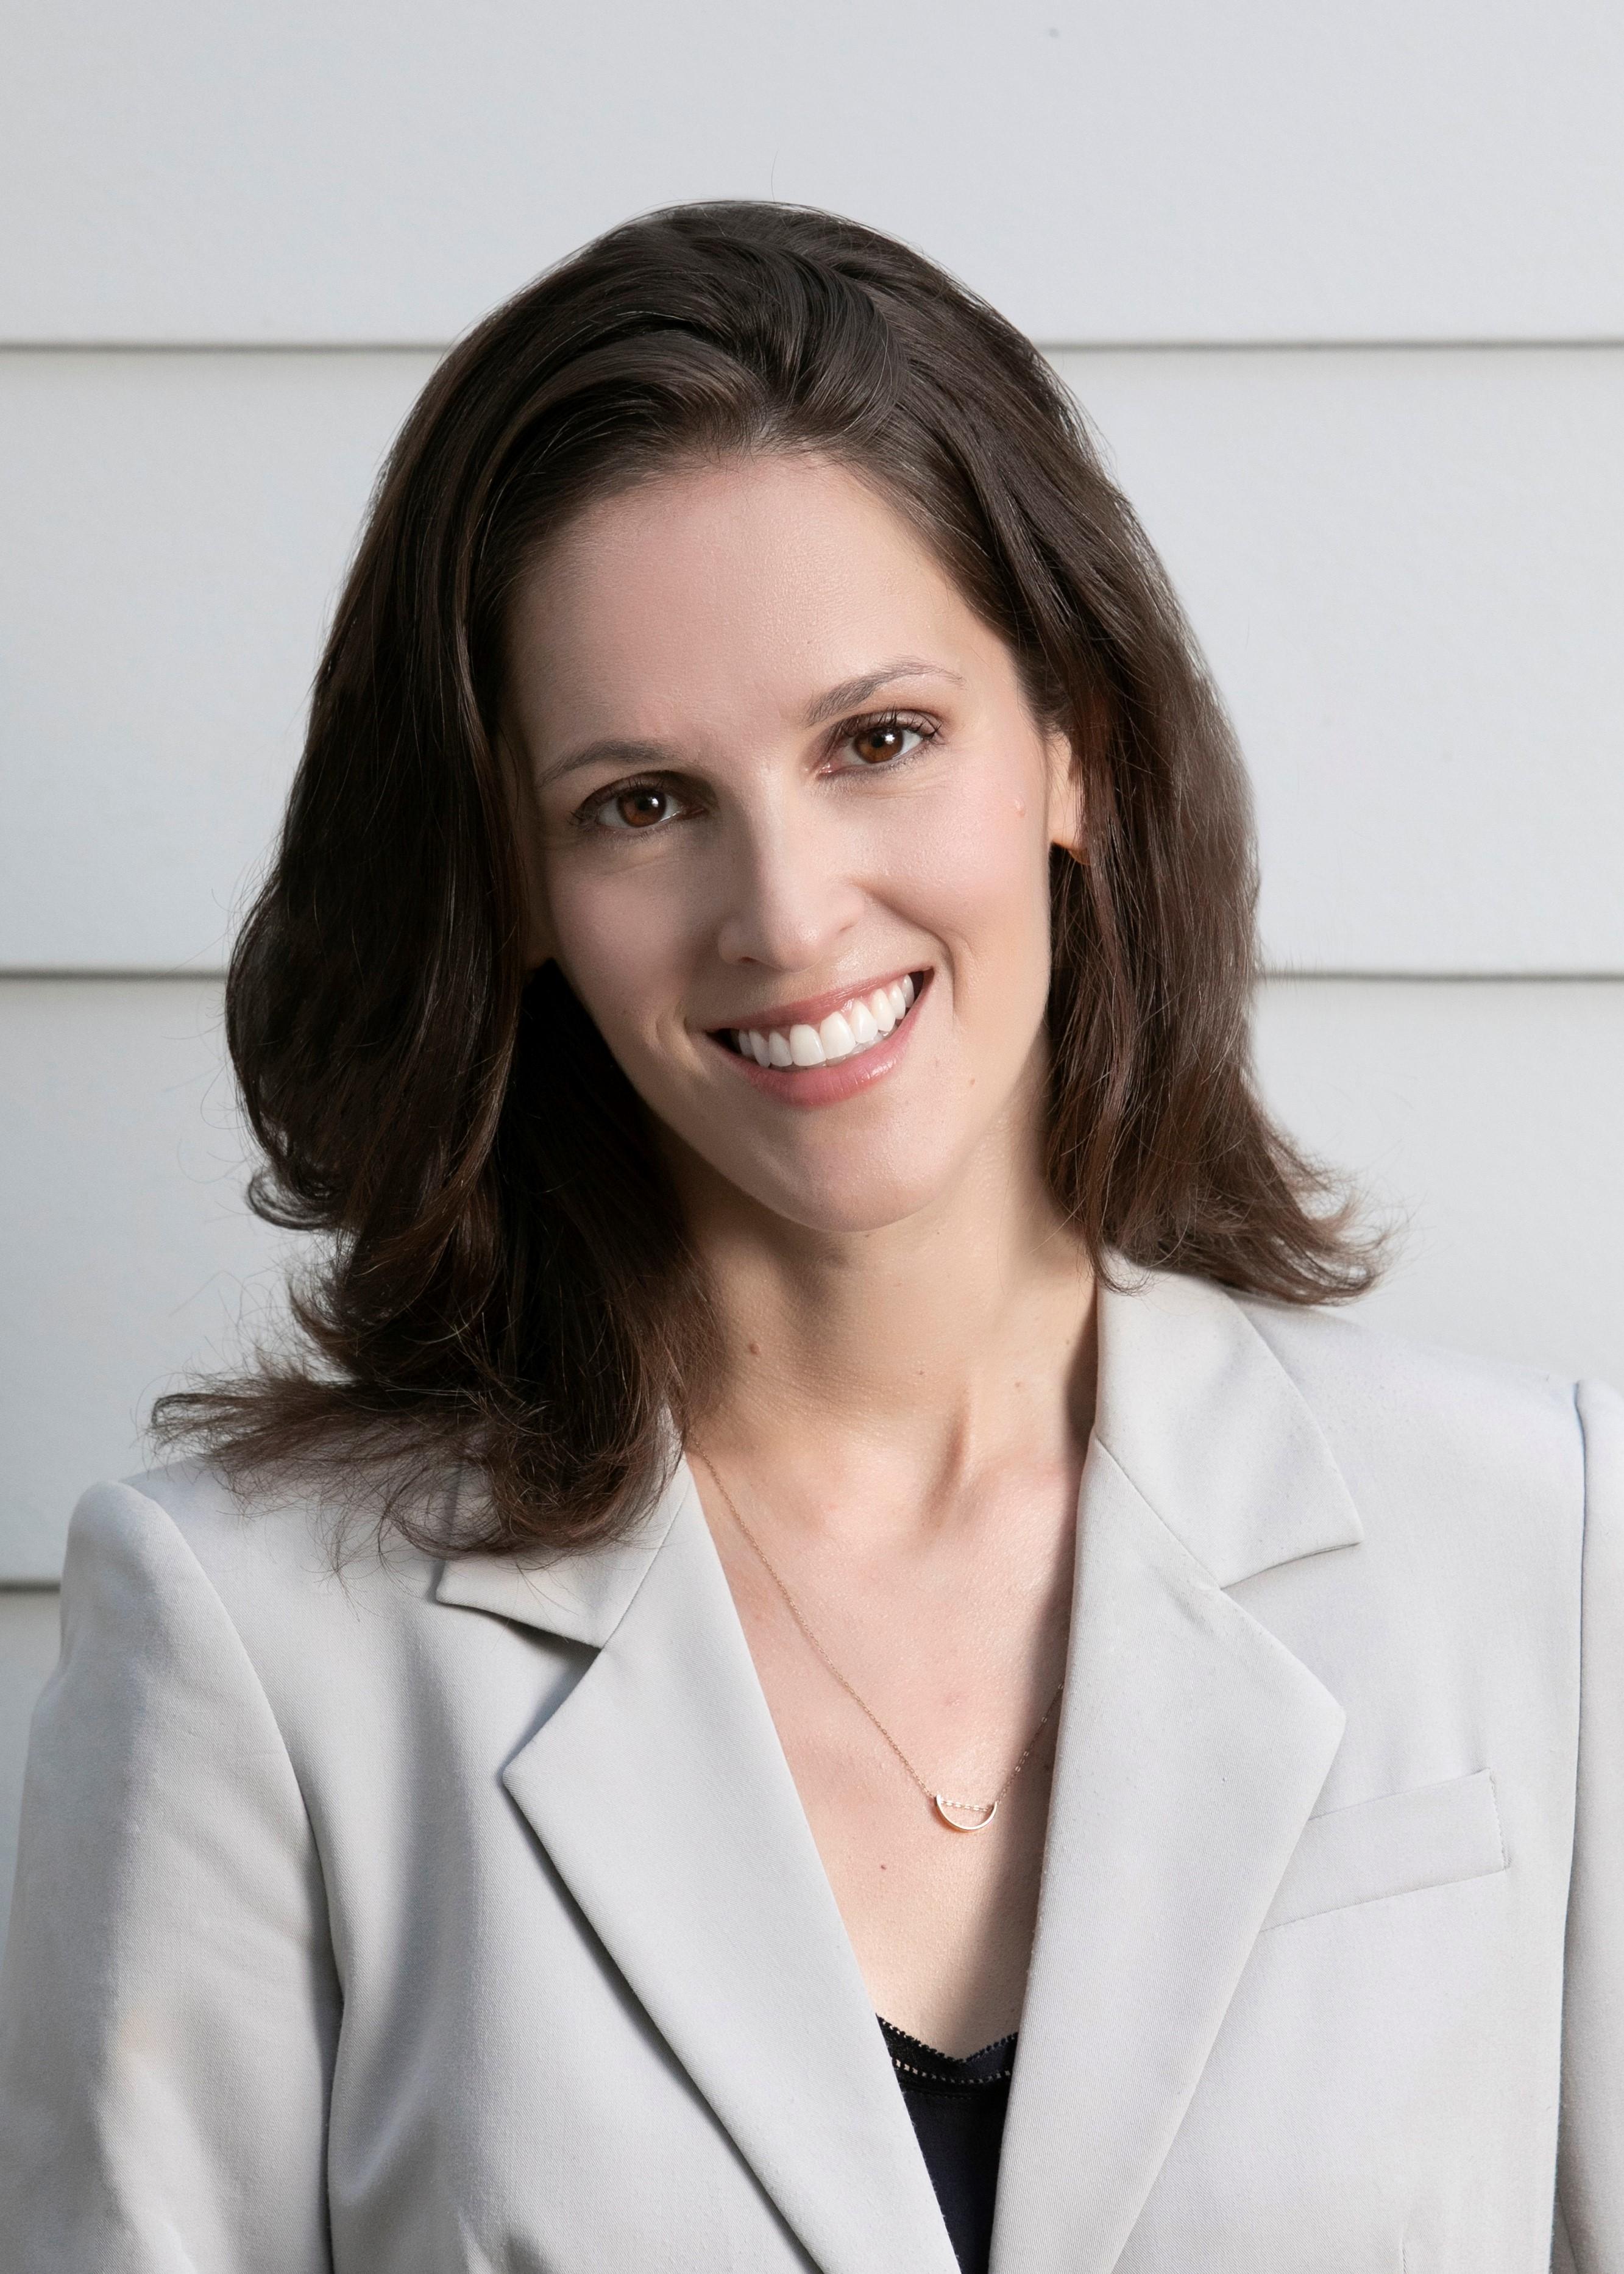 Catherine Morphis